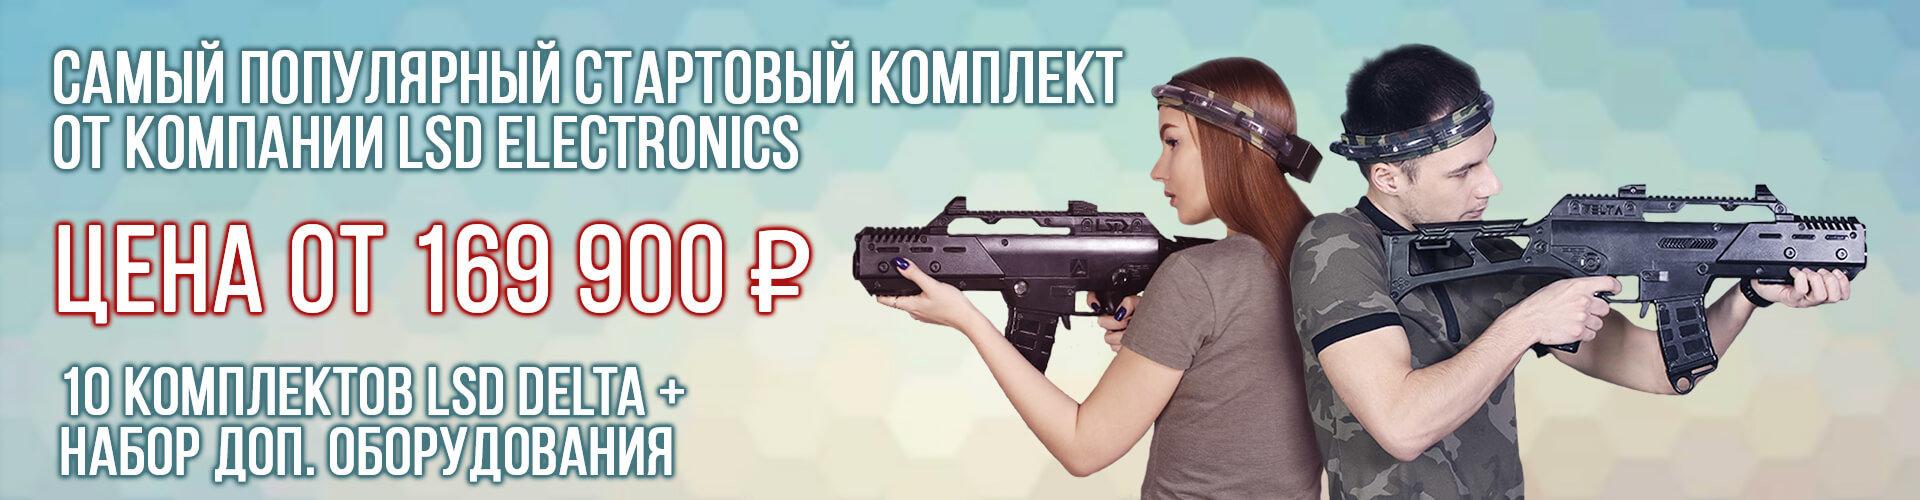 Стартовый_Комплект_1920x500_3